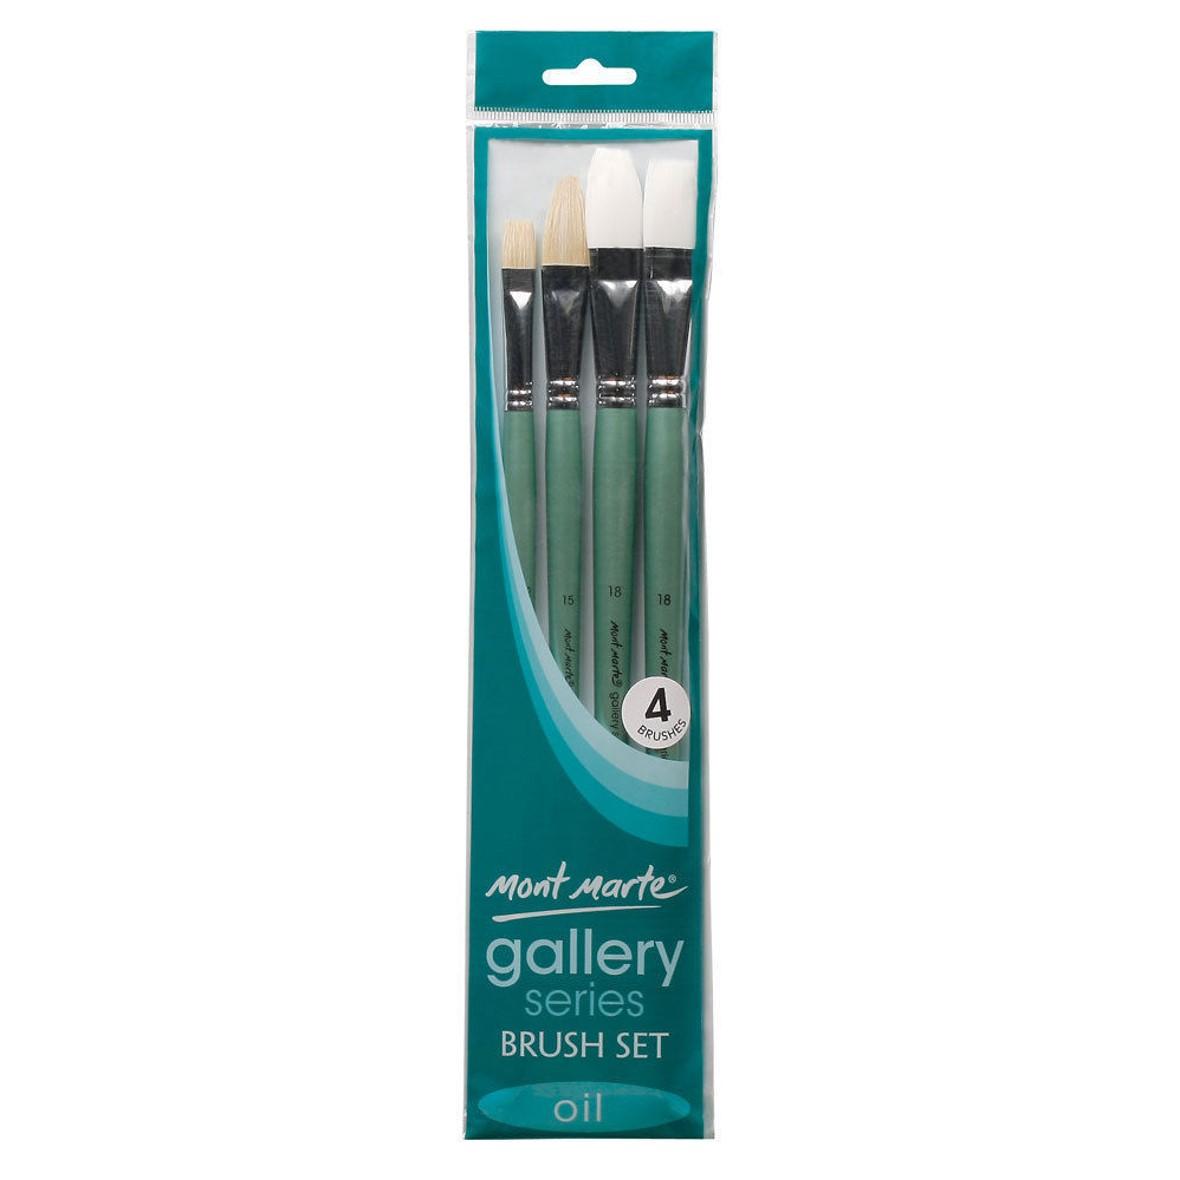 Gallery Oil Brush Set 4Pk